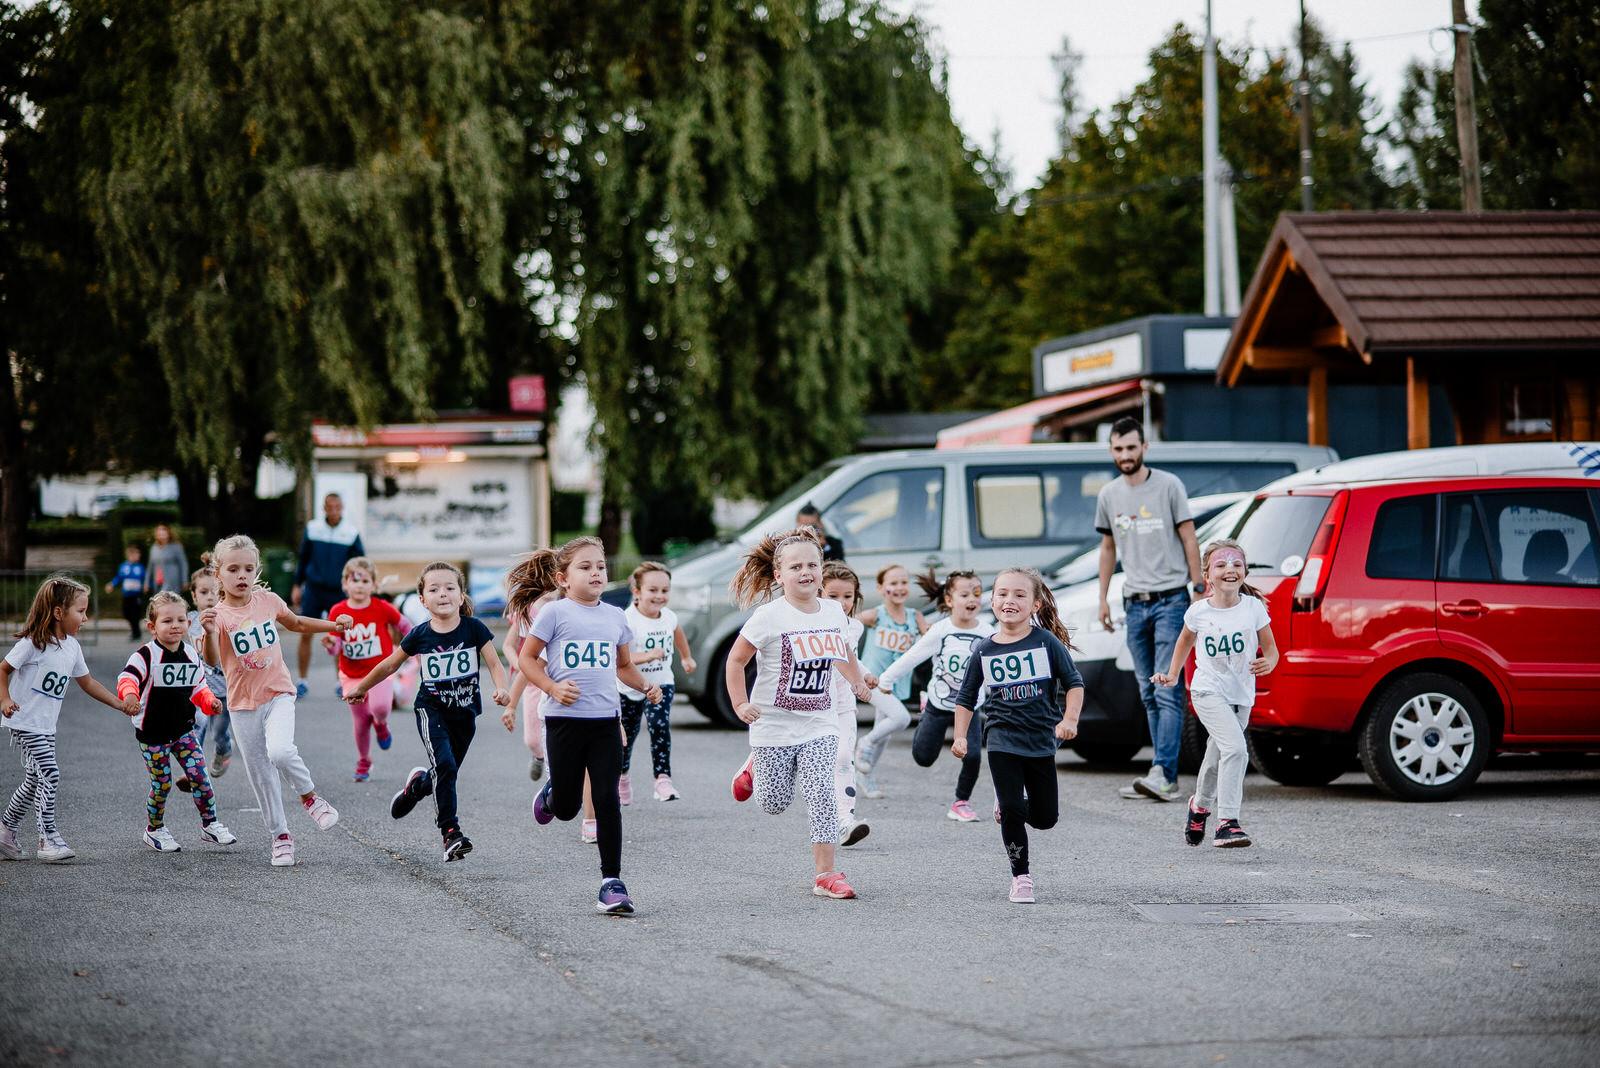 likaclub_korenica_noćna-utrka-2019-5